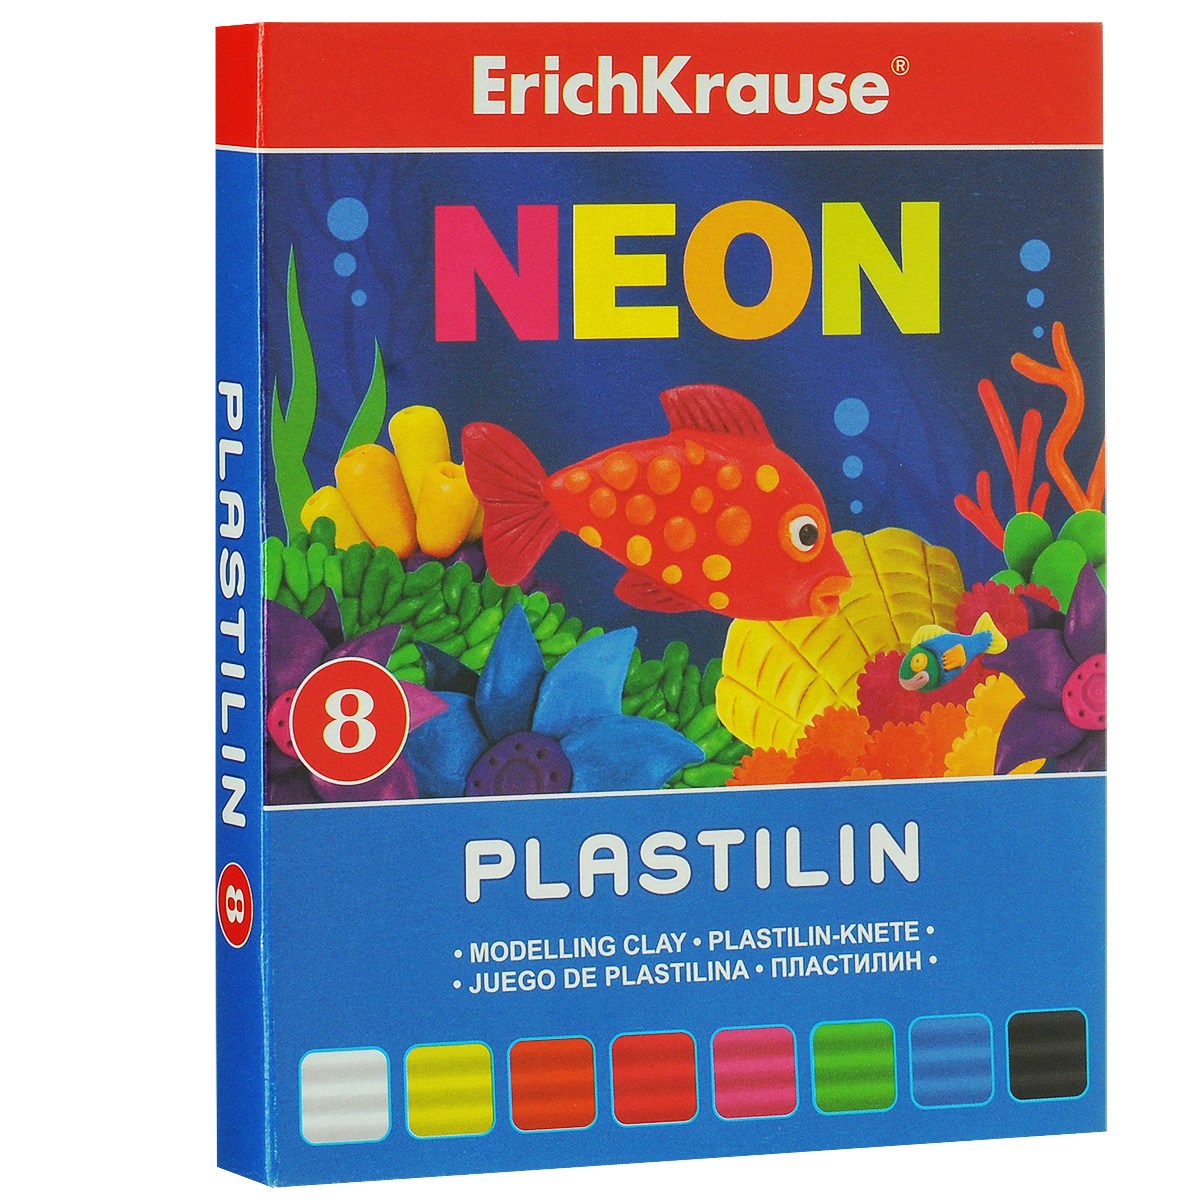 Пластилин Erich Krause Neon, 8 цветов37277Пластилин Neon- это отличная возможность познакомить ребенка с еще одним из видов изобразительного творчества, в котором создаются объемные образы и целые композиции. В набор входит пластилин 8 ярких цветов (белый, желтый, оранжевый, красный, розовый, зеленый, голубой, черный). Цвета пластилина легко смешиваются между собой, и таким образом можно получить новые оттенки. Он имеет яркие, красочные цвета.Техника лепки богата и разнообразна, но при этом доступна даже маленьким детям. Занятие лепкой не только увлекательно, но и полезно для ребенка. Оно способствует развитию творческого и пространственного мышления, восприятия формы, фактуры, цвета и веса, развивает воображение и мелкую моторику.